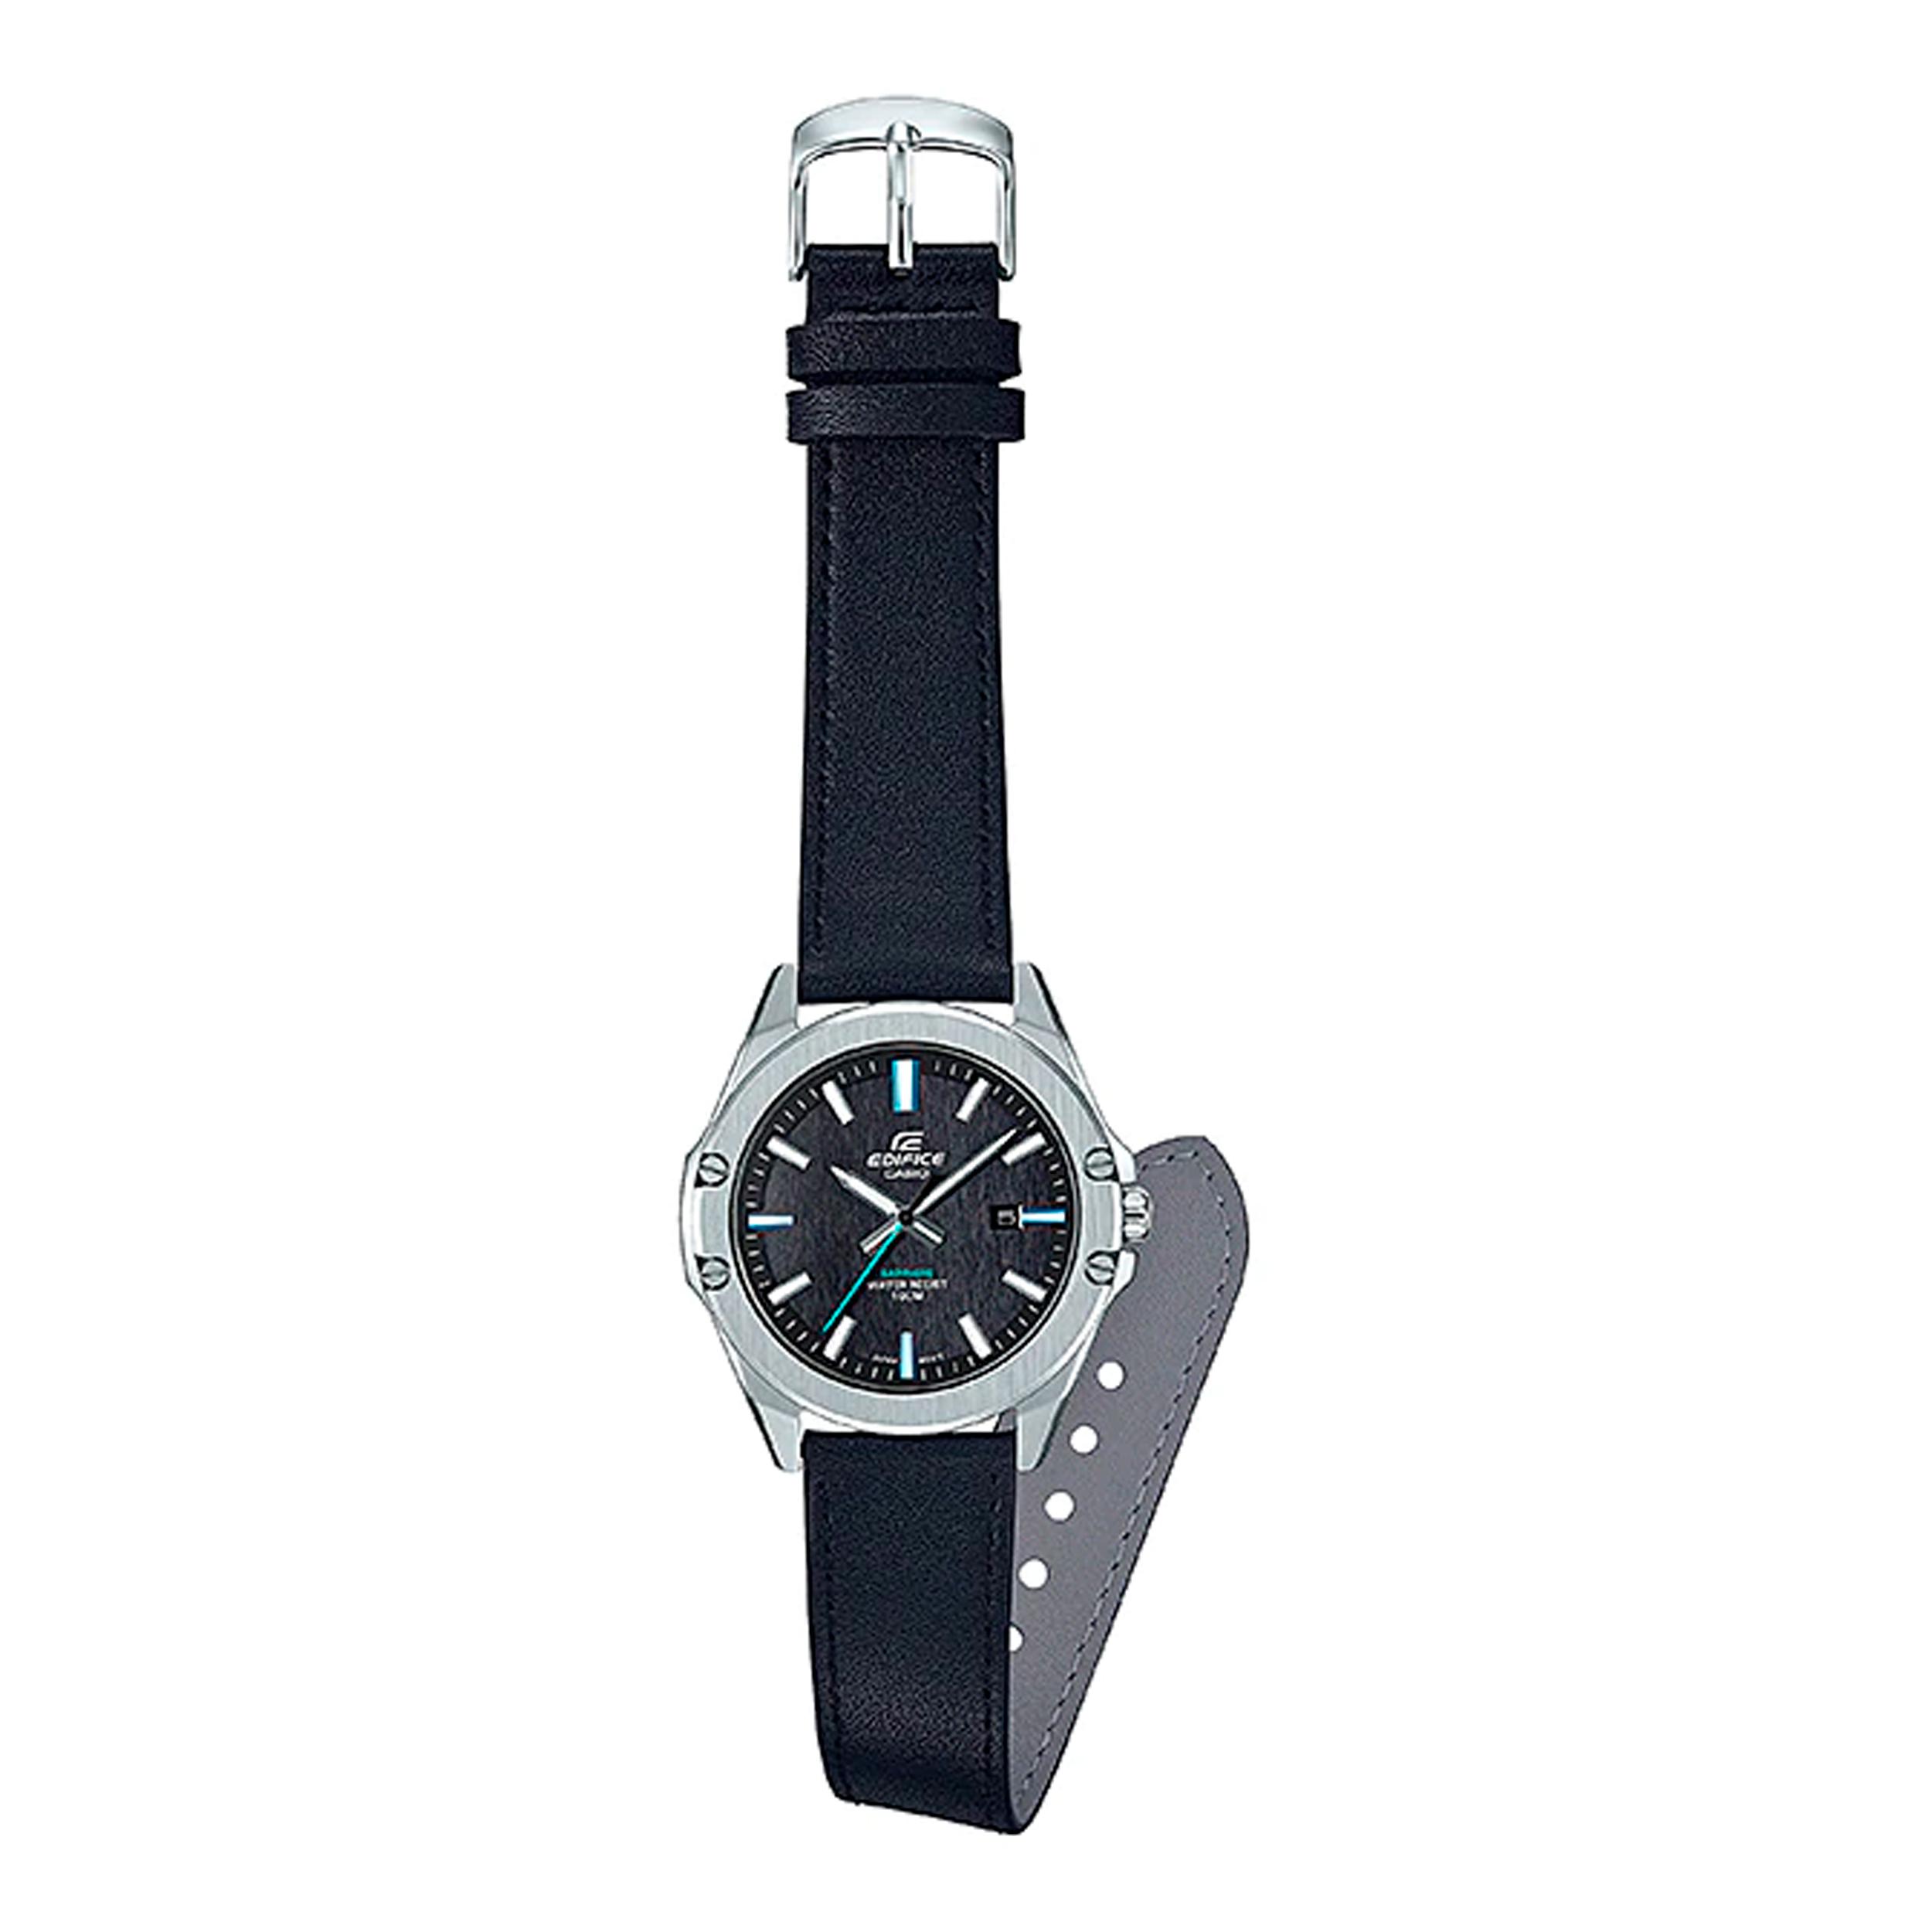 ساعت مچی عقربه ای مردانه کاسیو مدل EFR-S107L-1AVUDF              خرید (⭐️⭐️⭐️)